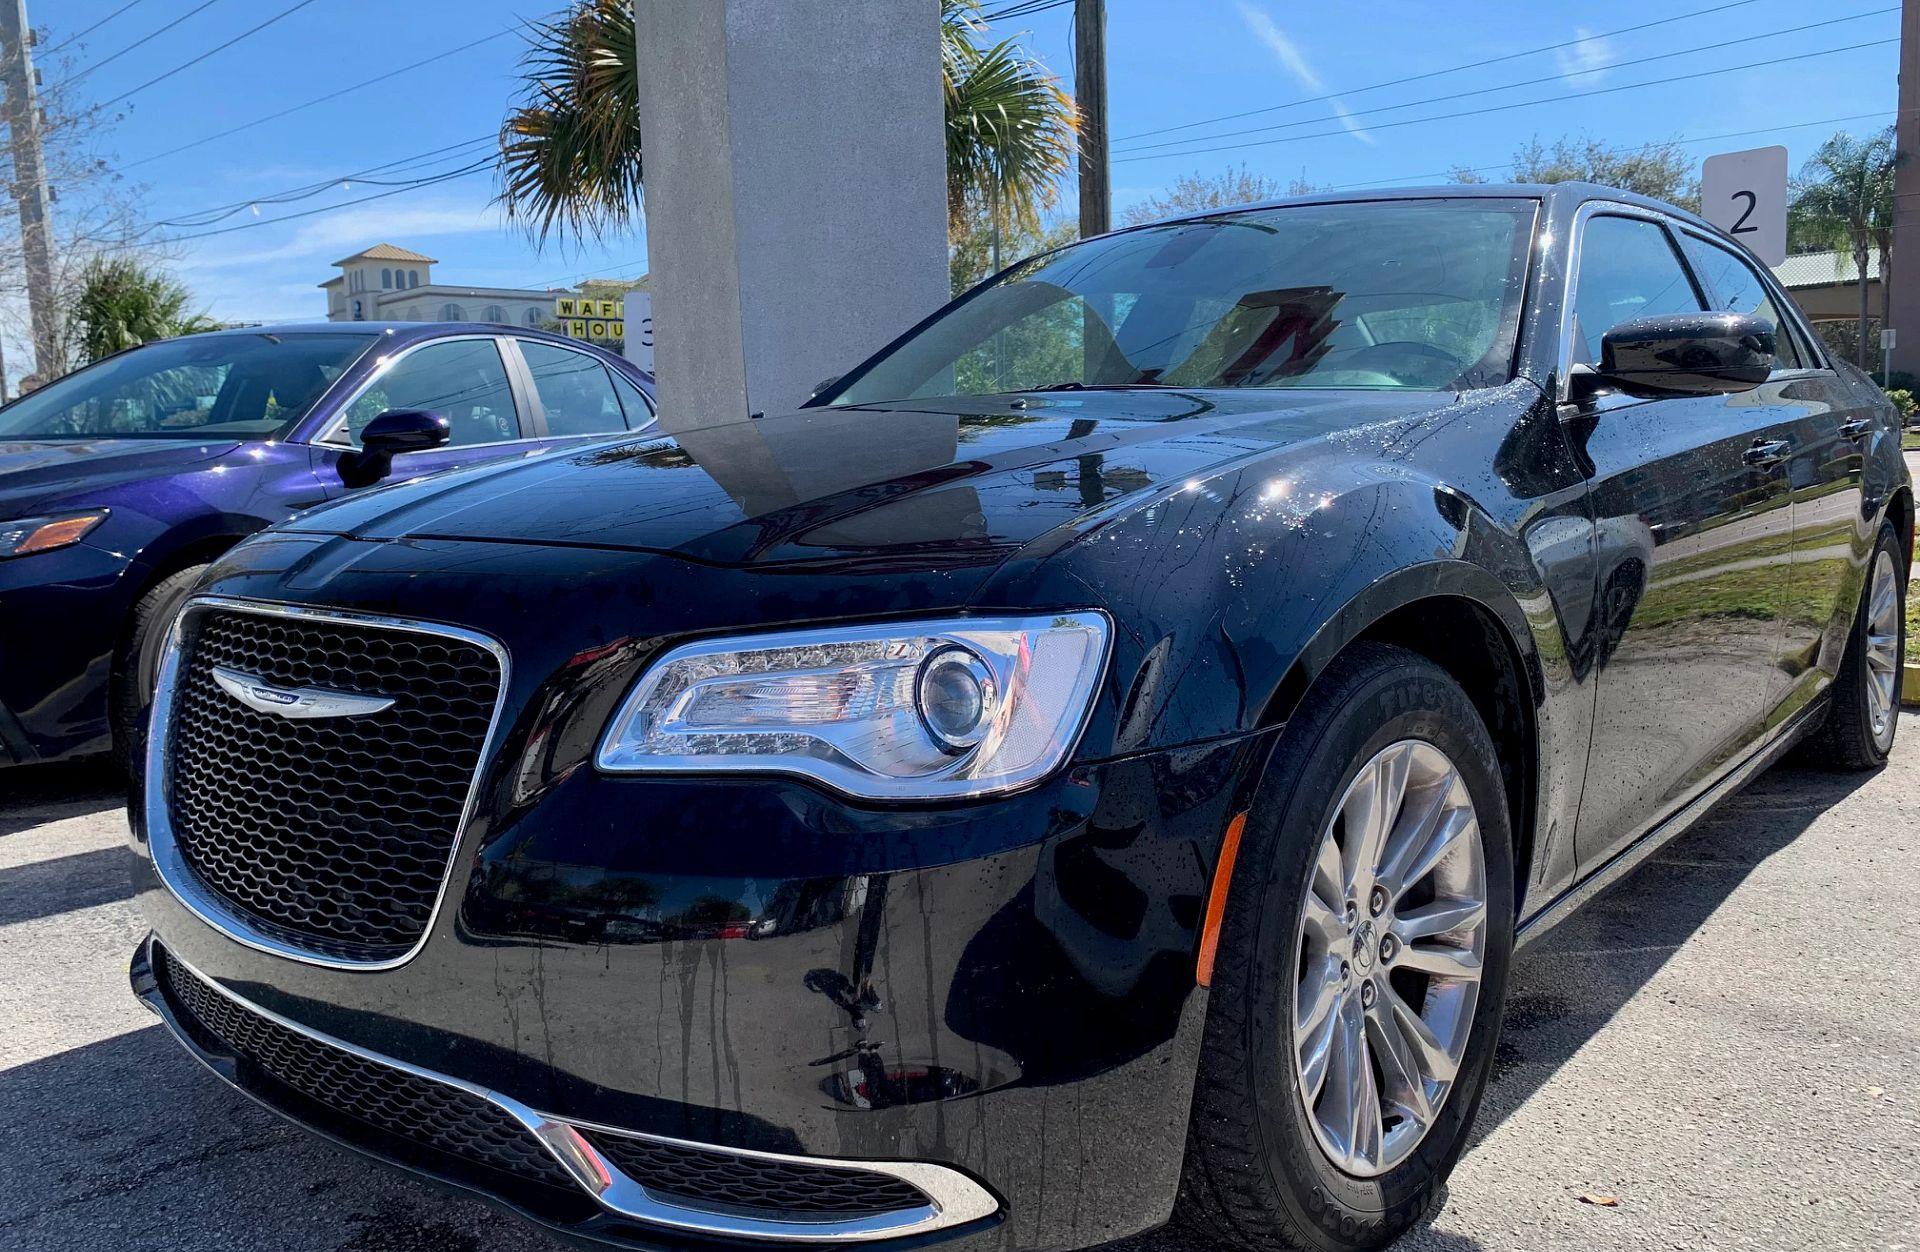 Easirent Car Rental Orlando Airport